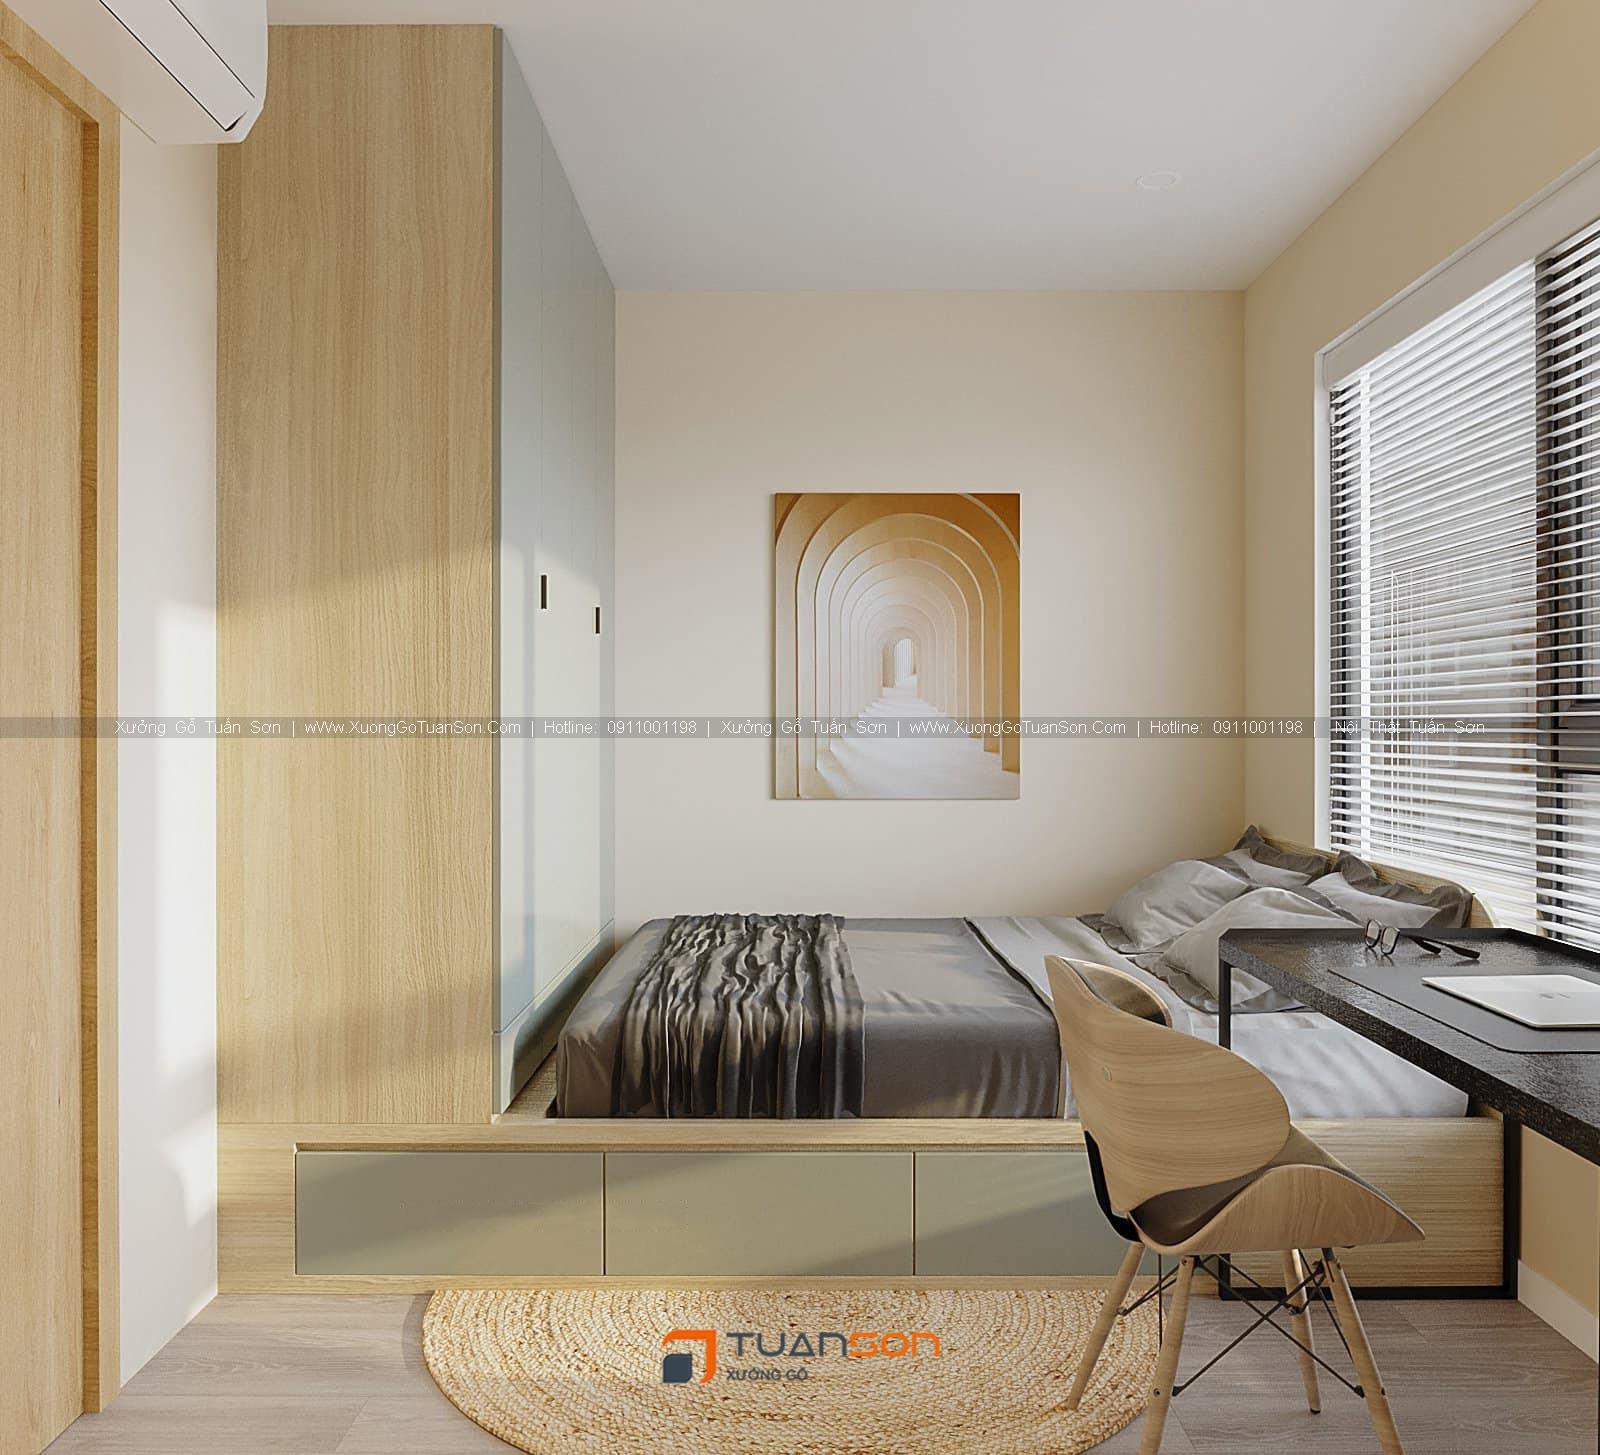 Thiết kế căn hô số 4 (57.2m2) 2PN Phương Đông Green Park